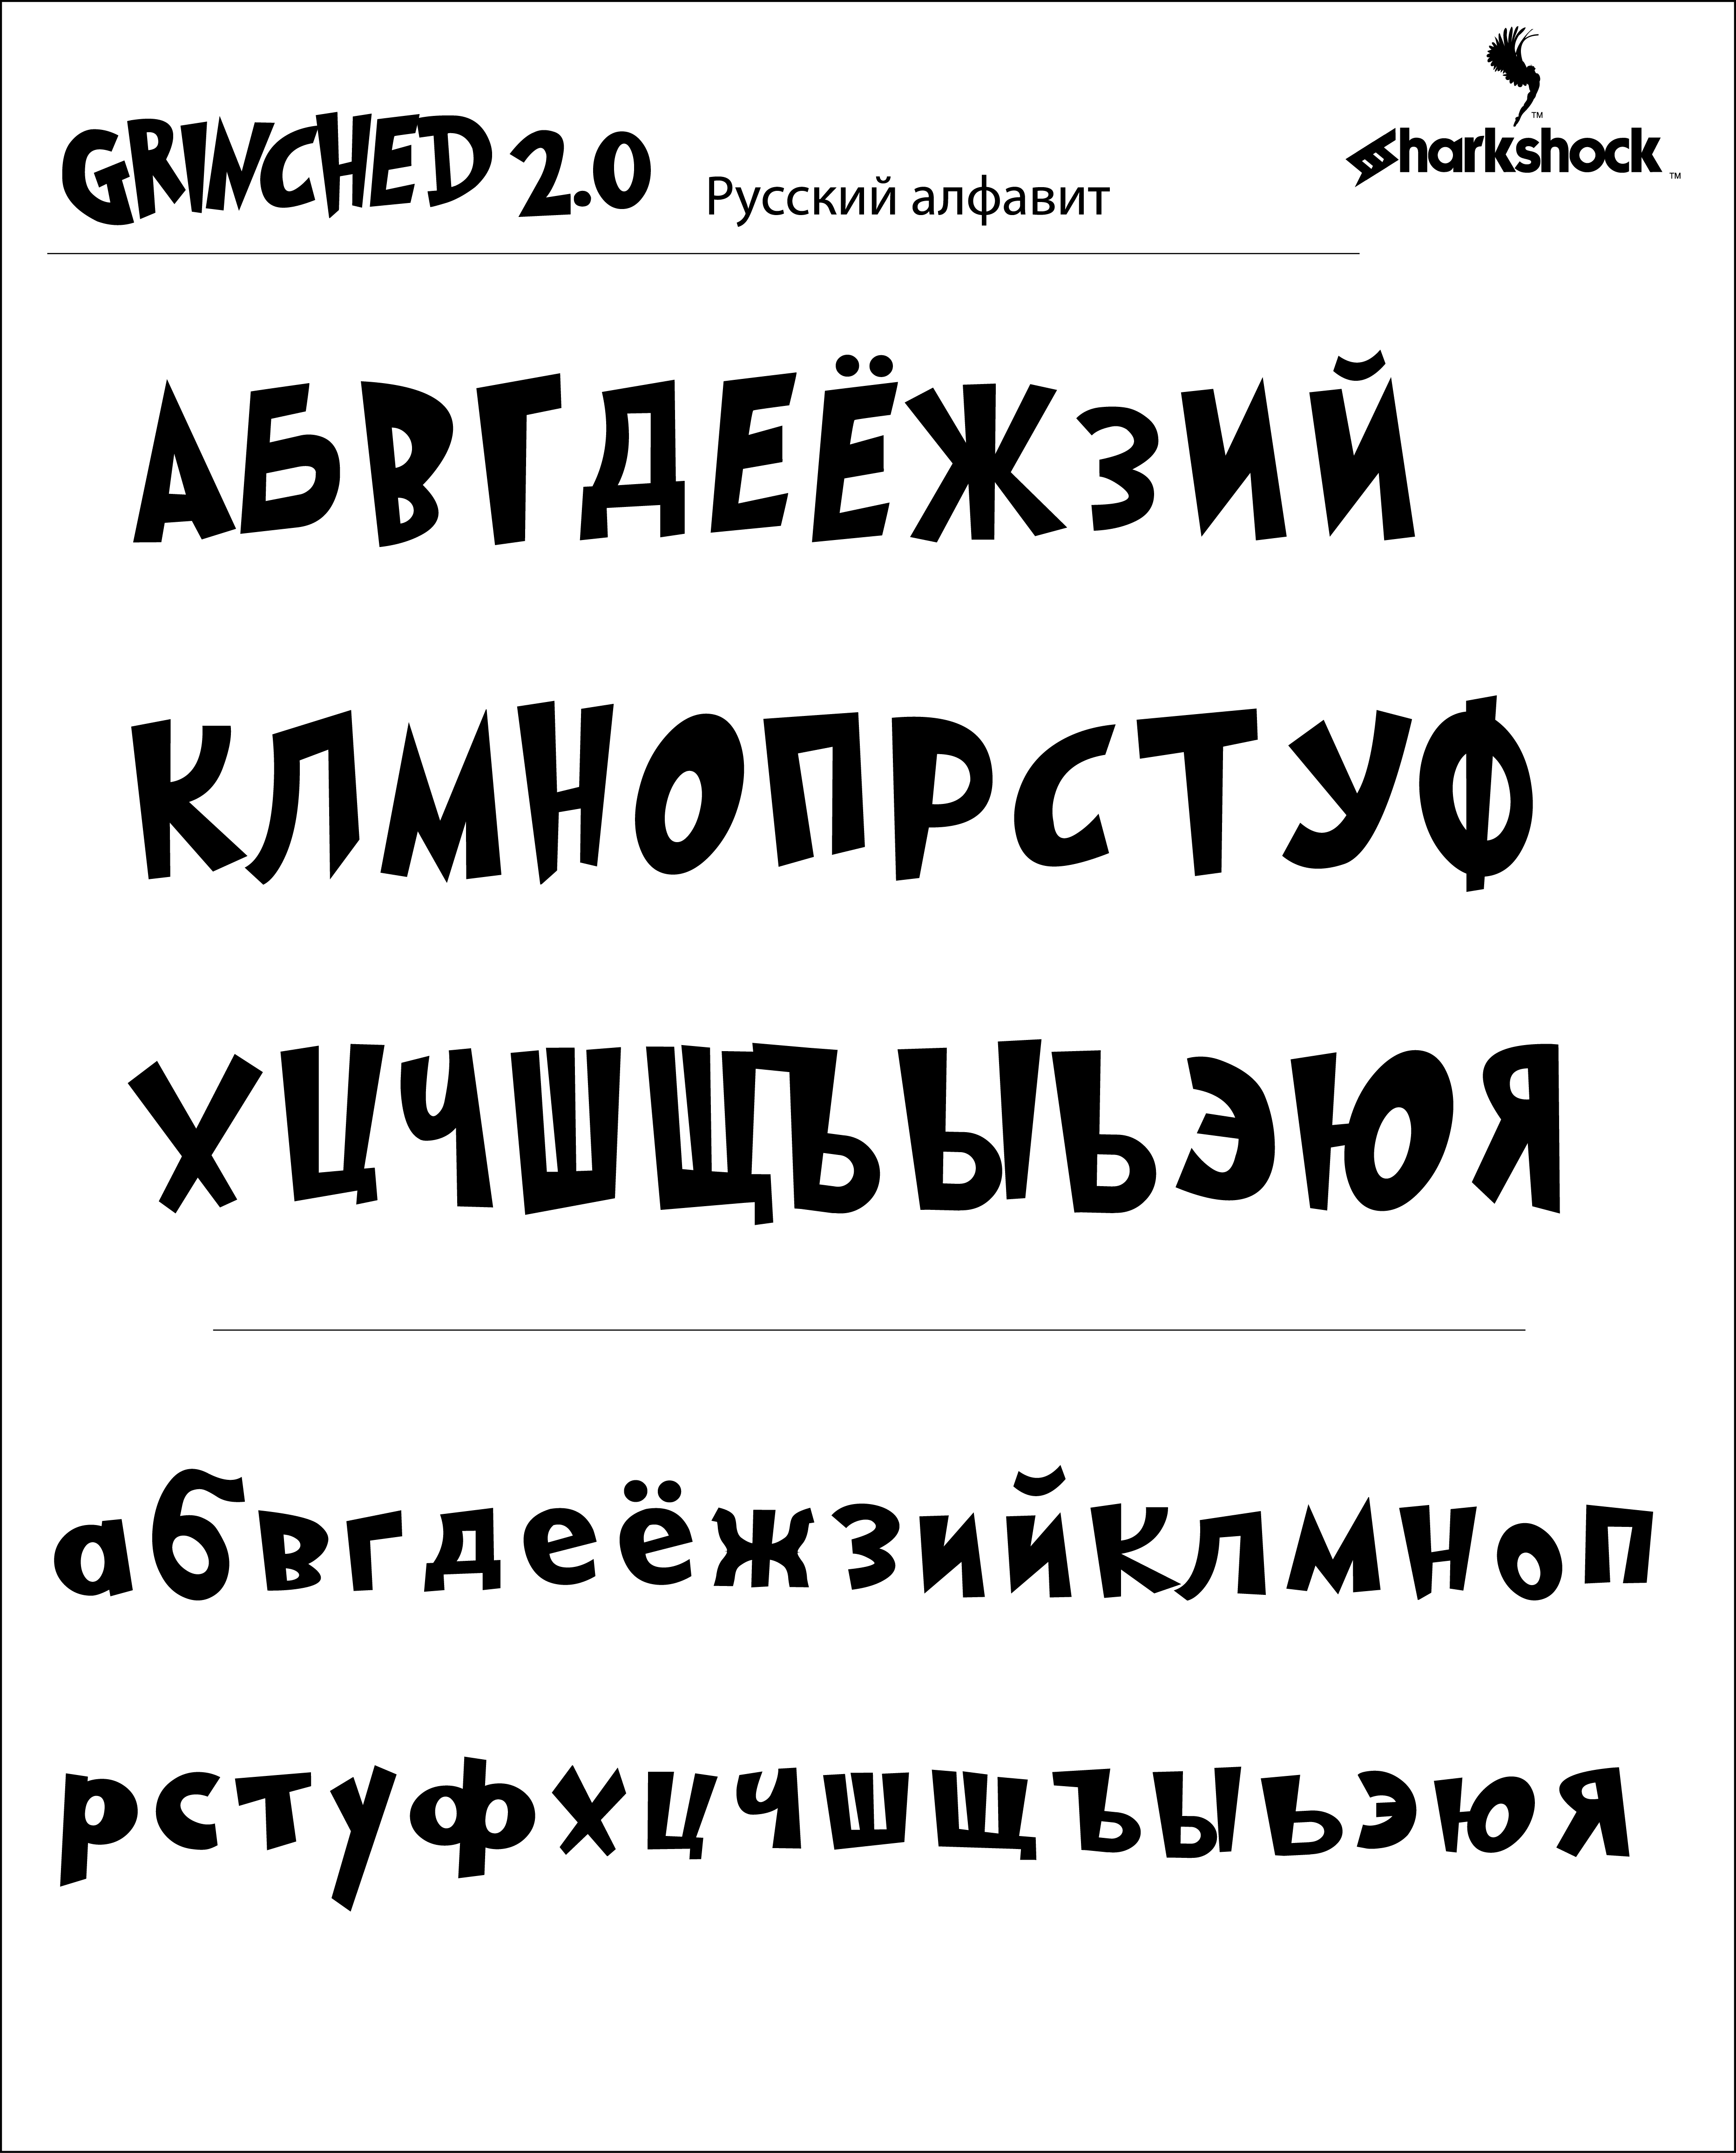 Шрифт кириллица прописной жирный